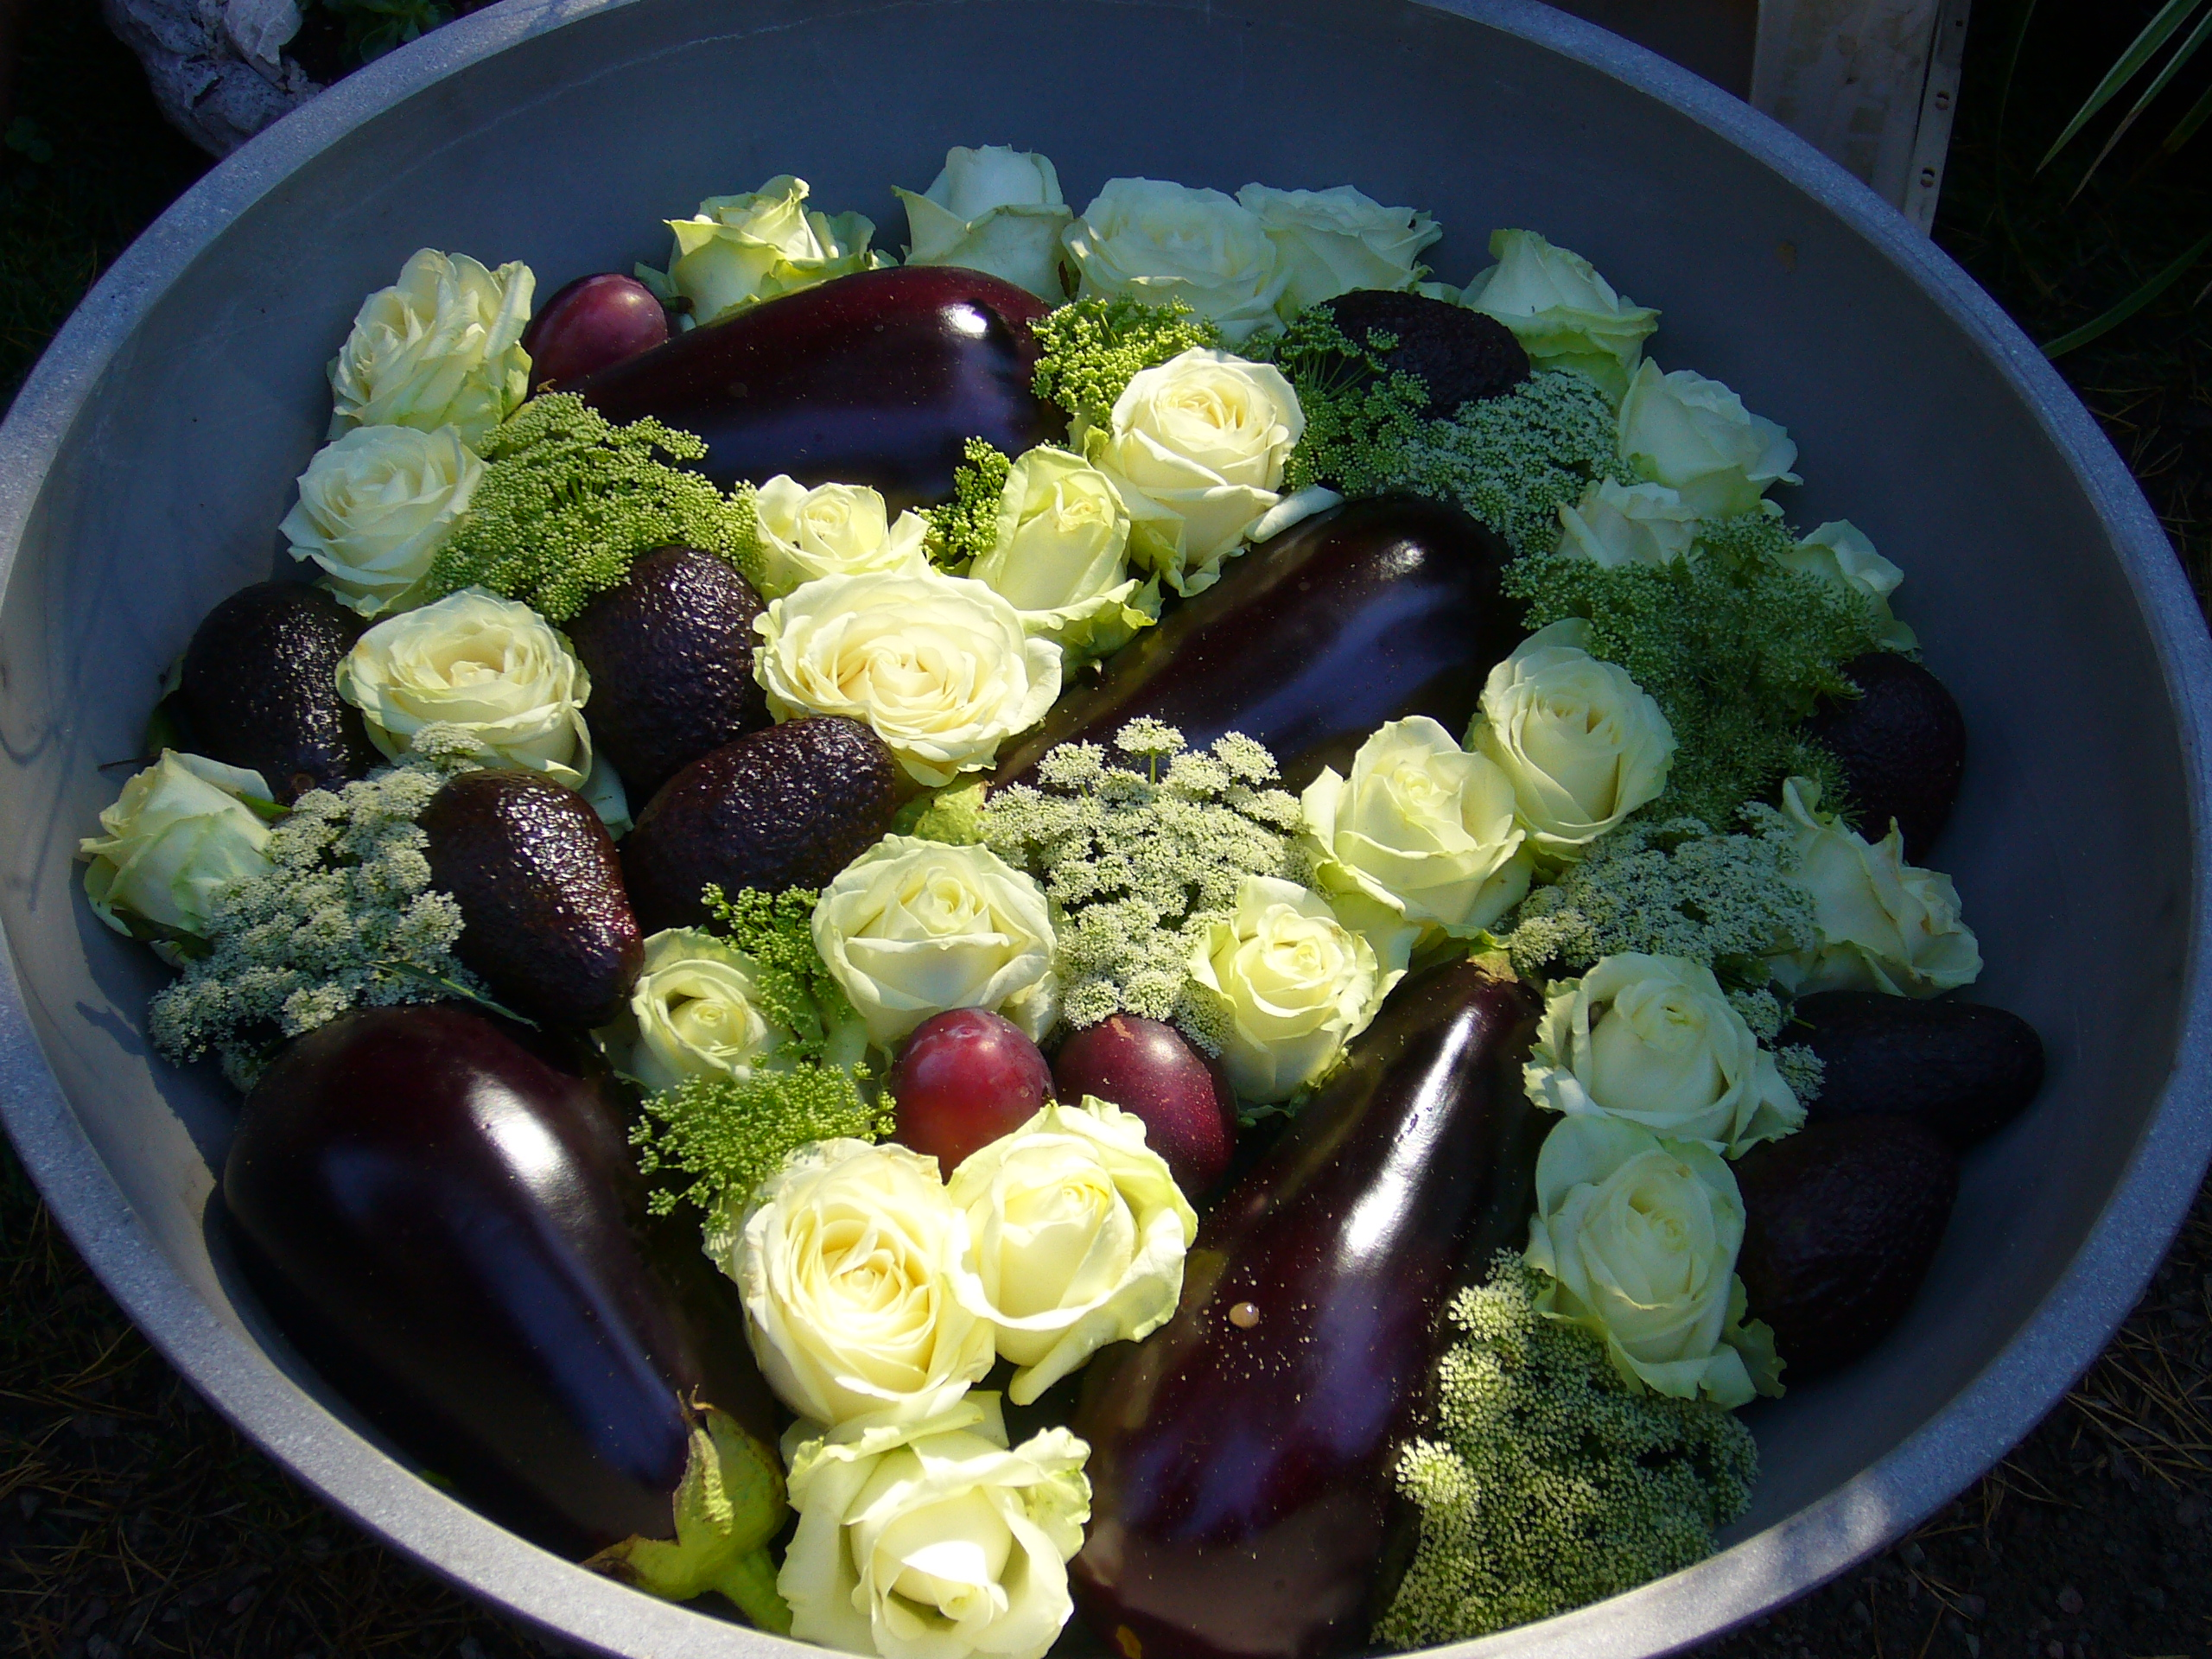 Ovanlig dekoration med snittblommor och grönsaker